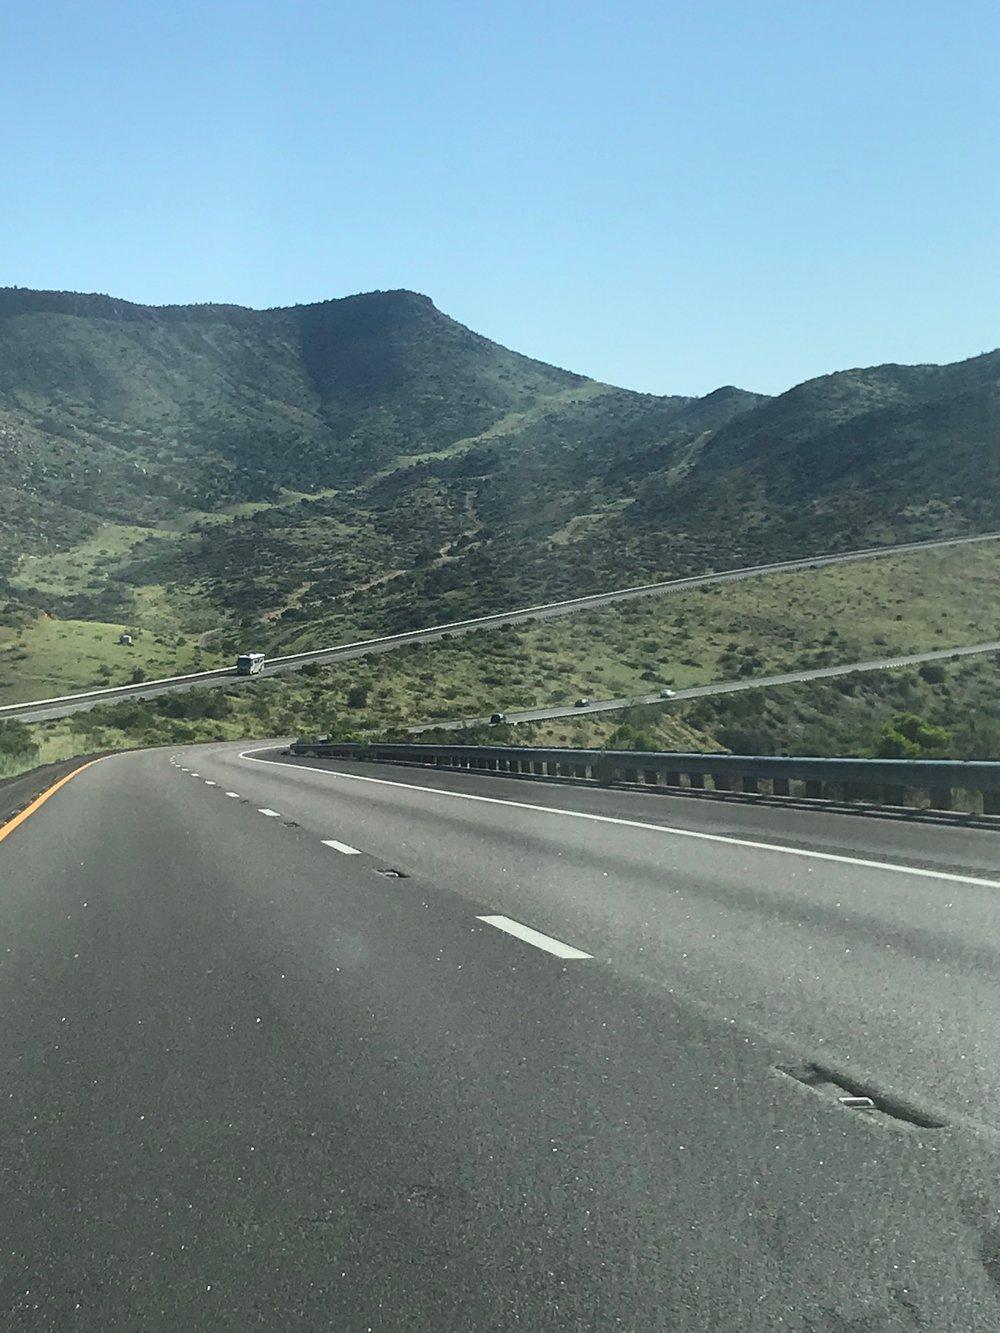 Scenery in Kingman, Arizona